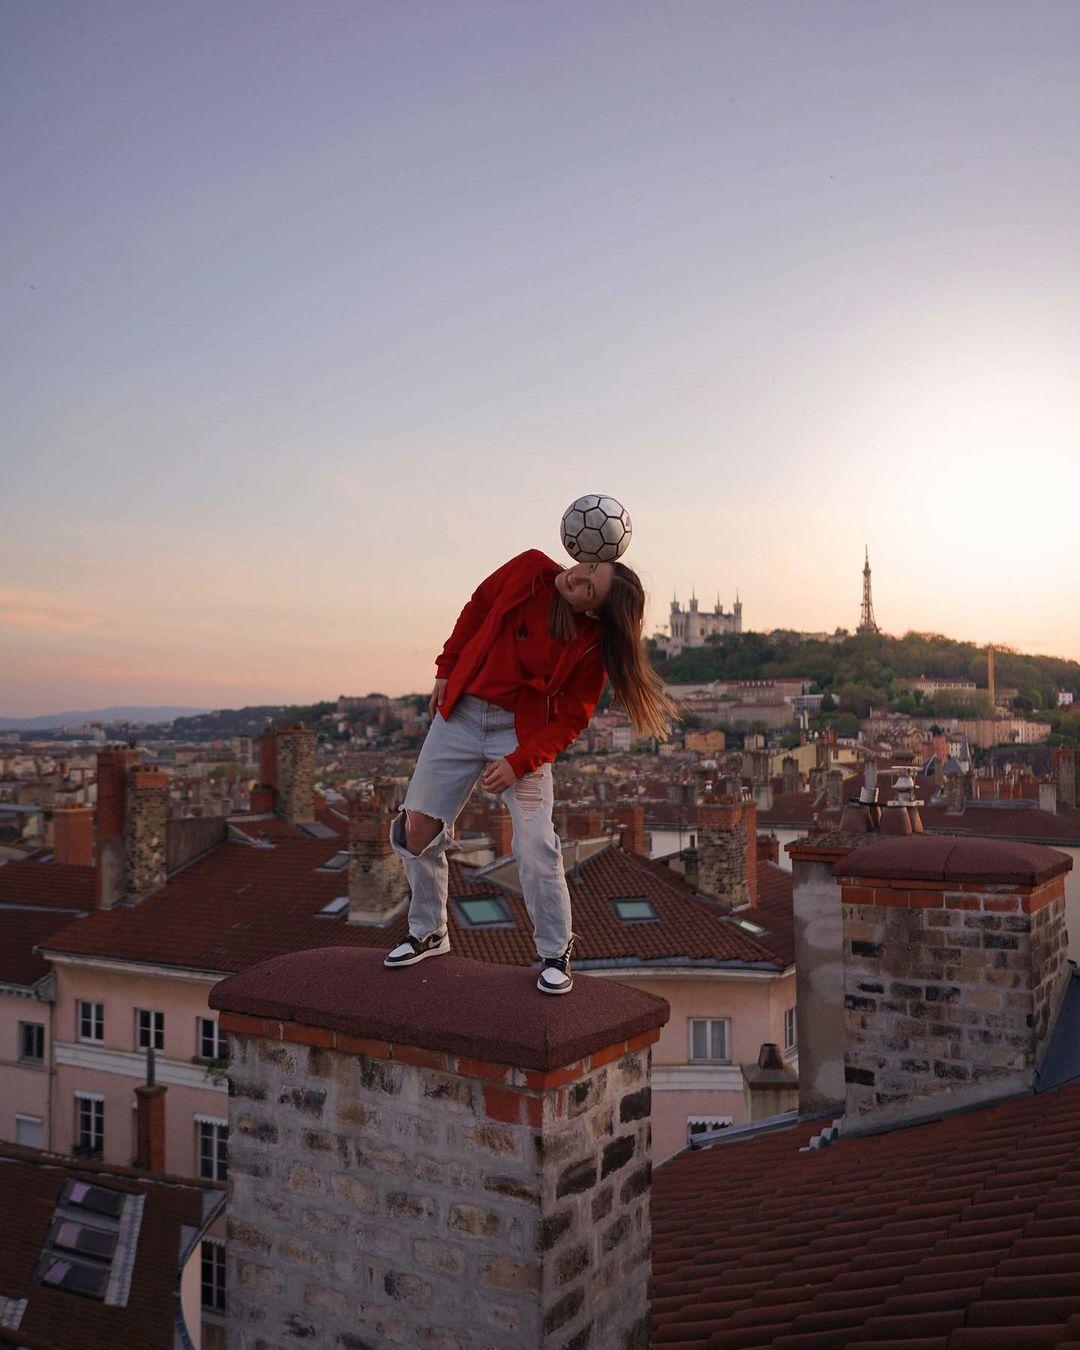 Yoanna Dallier trình diễn chơi bóng nghệ thuật trên một mái nhà tại Lyon, Pháp. Ảnh: @yoannafreestyle/Instagram